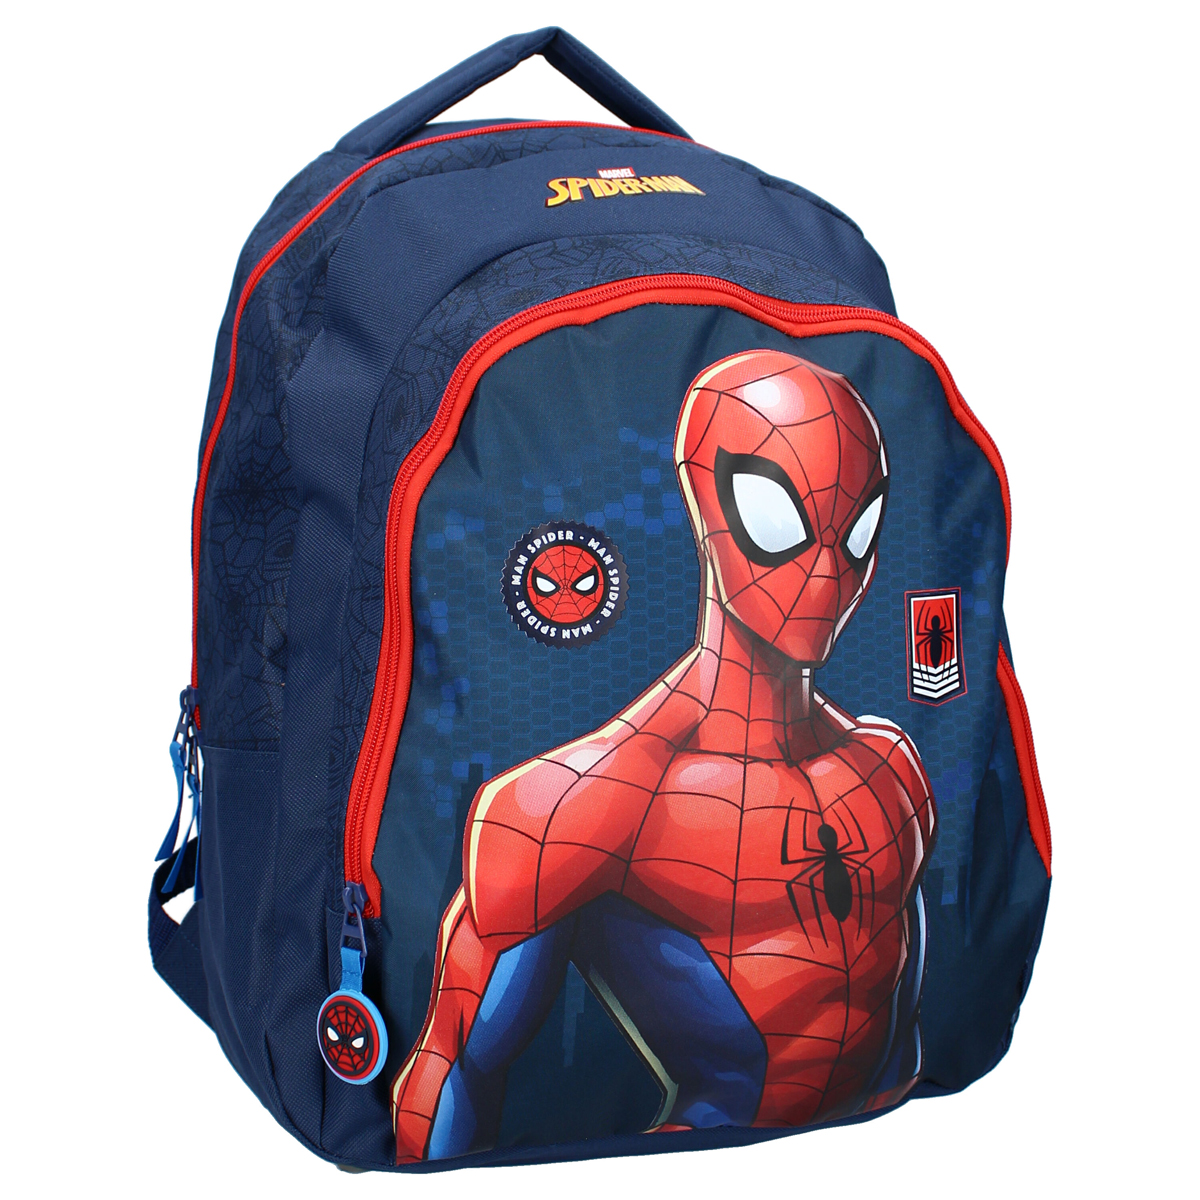 Grand sac à dos créateur \'Spiderman\' gris - 45x35x15 cm - [A3061]